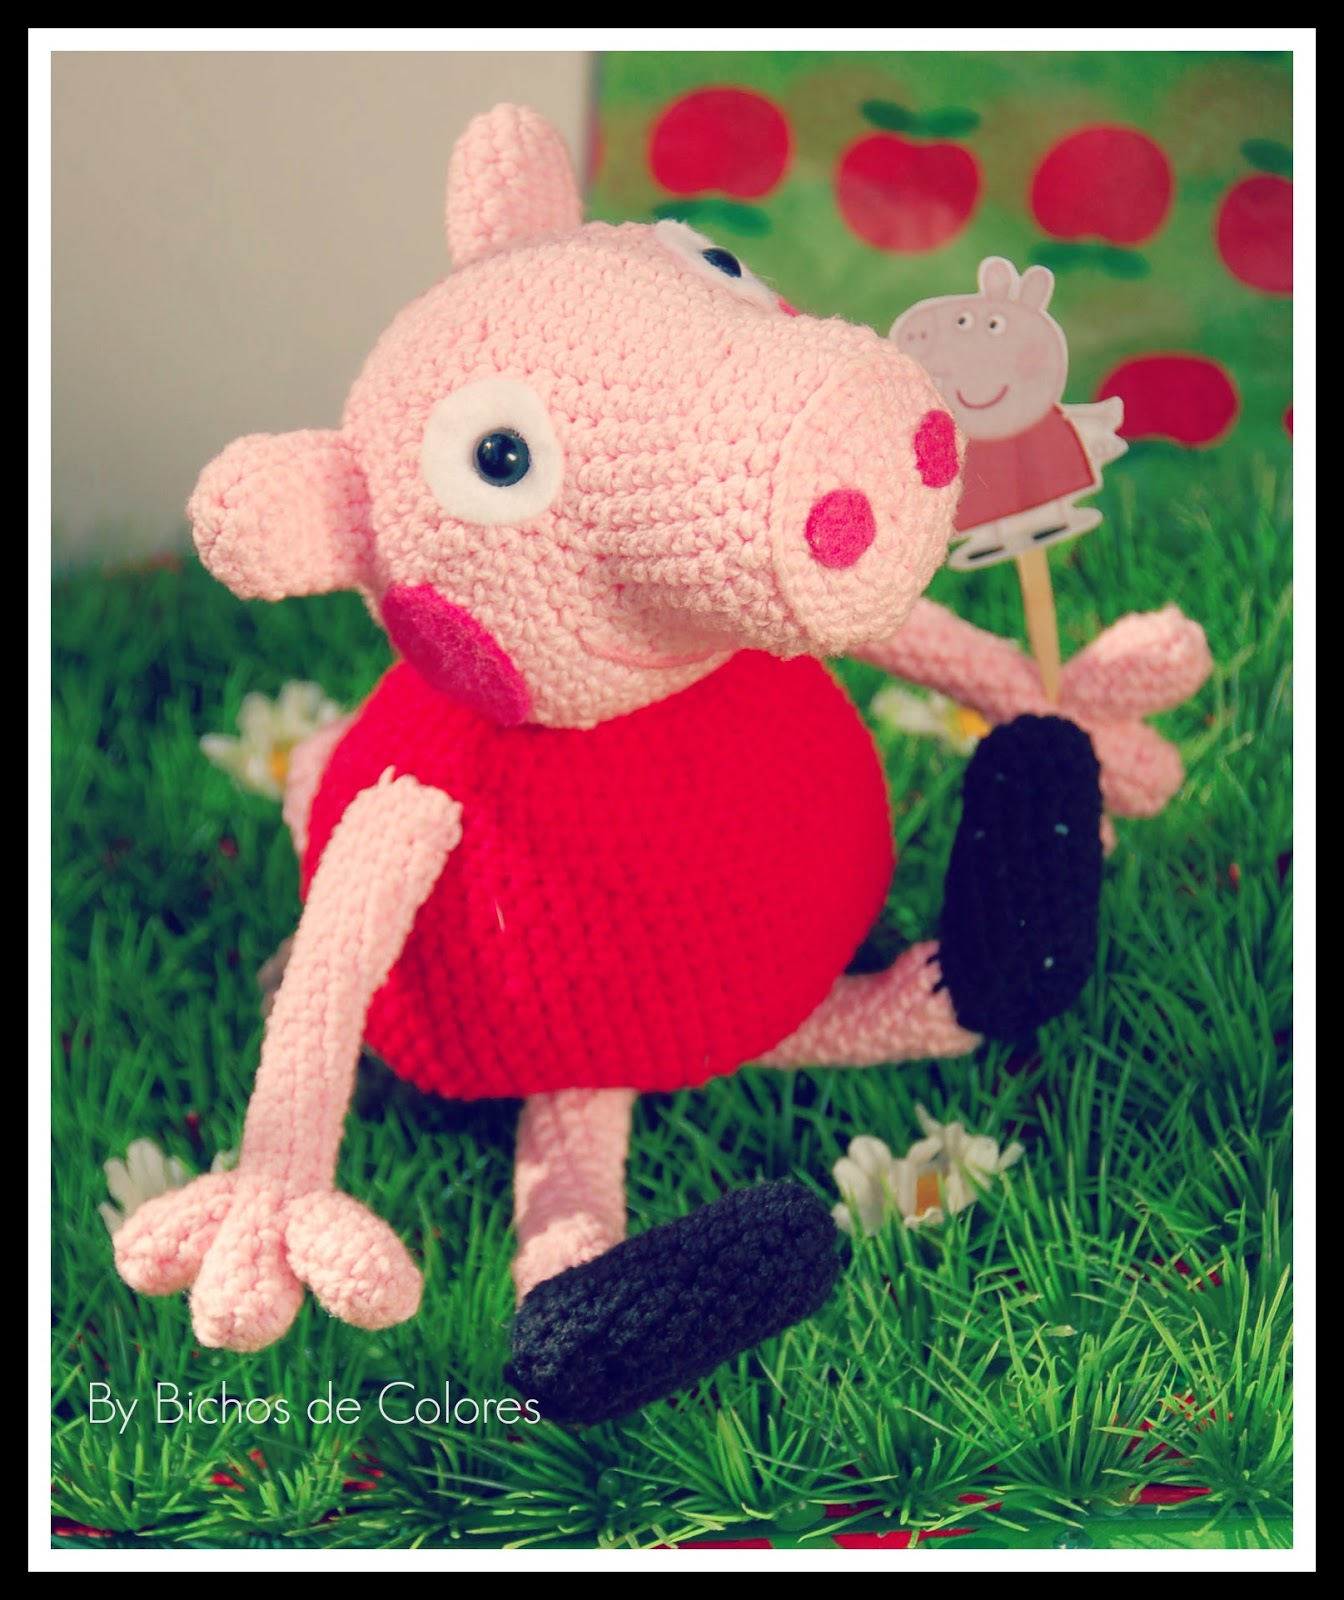 Peppa Pig Amigurumi Taller De Mao : Bichos de colores: Peppa Pig